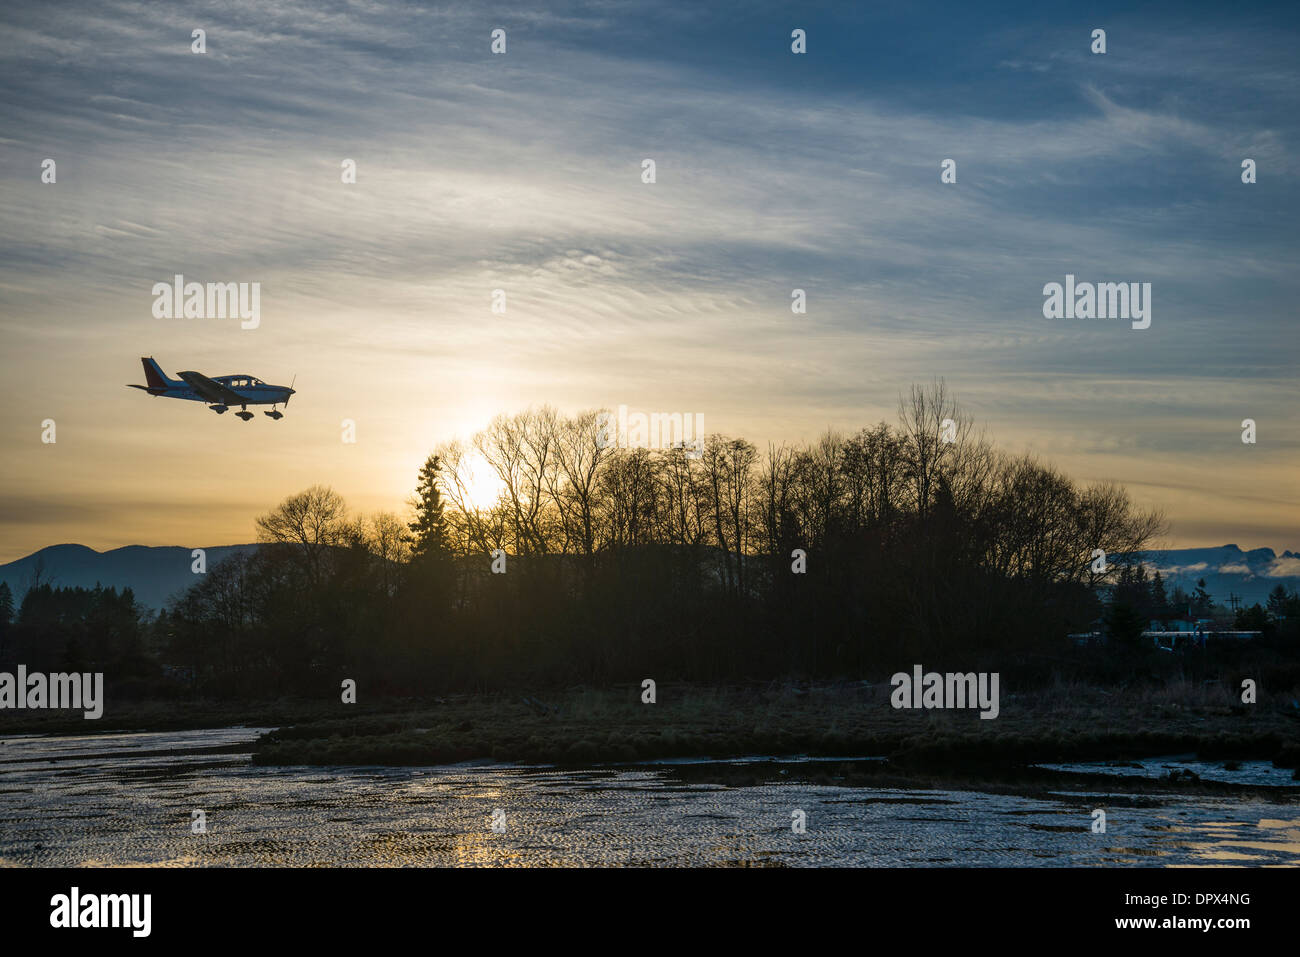 Petit avion à l'atterrissage, Courtenay, Colombie-Britannique, Canada Photo Stock